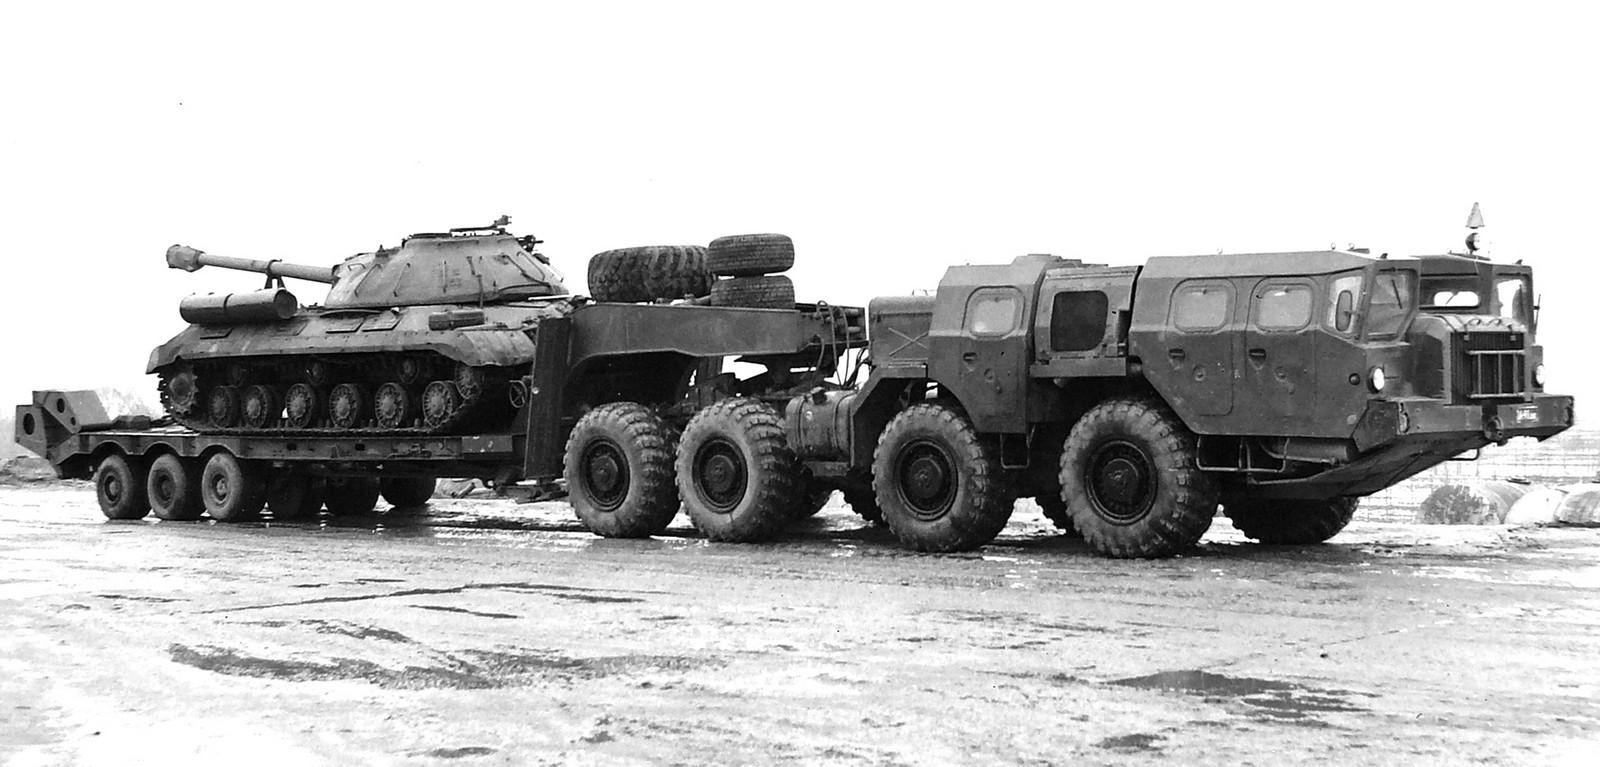 МАЗ-74101 «Оплот-Т» с кабиной боевого расчета и полуприцепом МАЗ-796